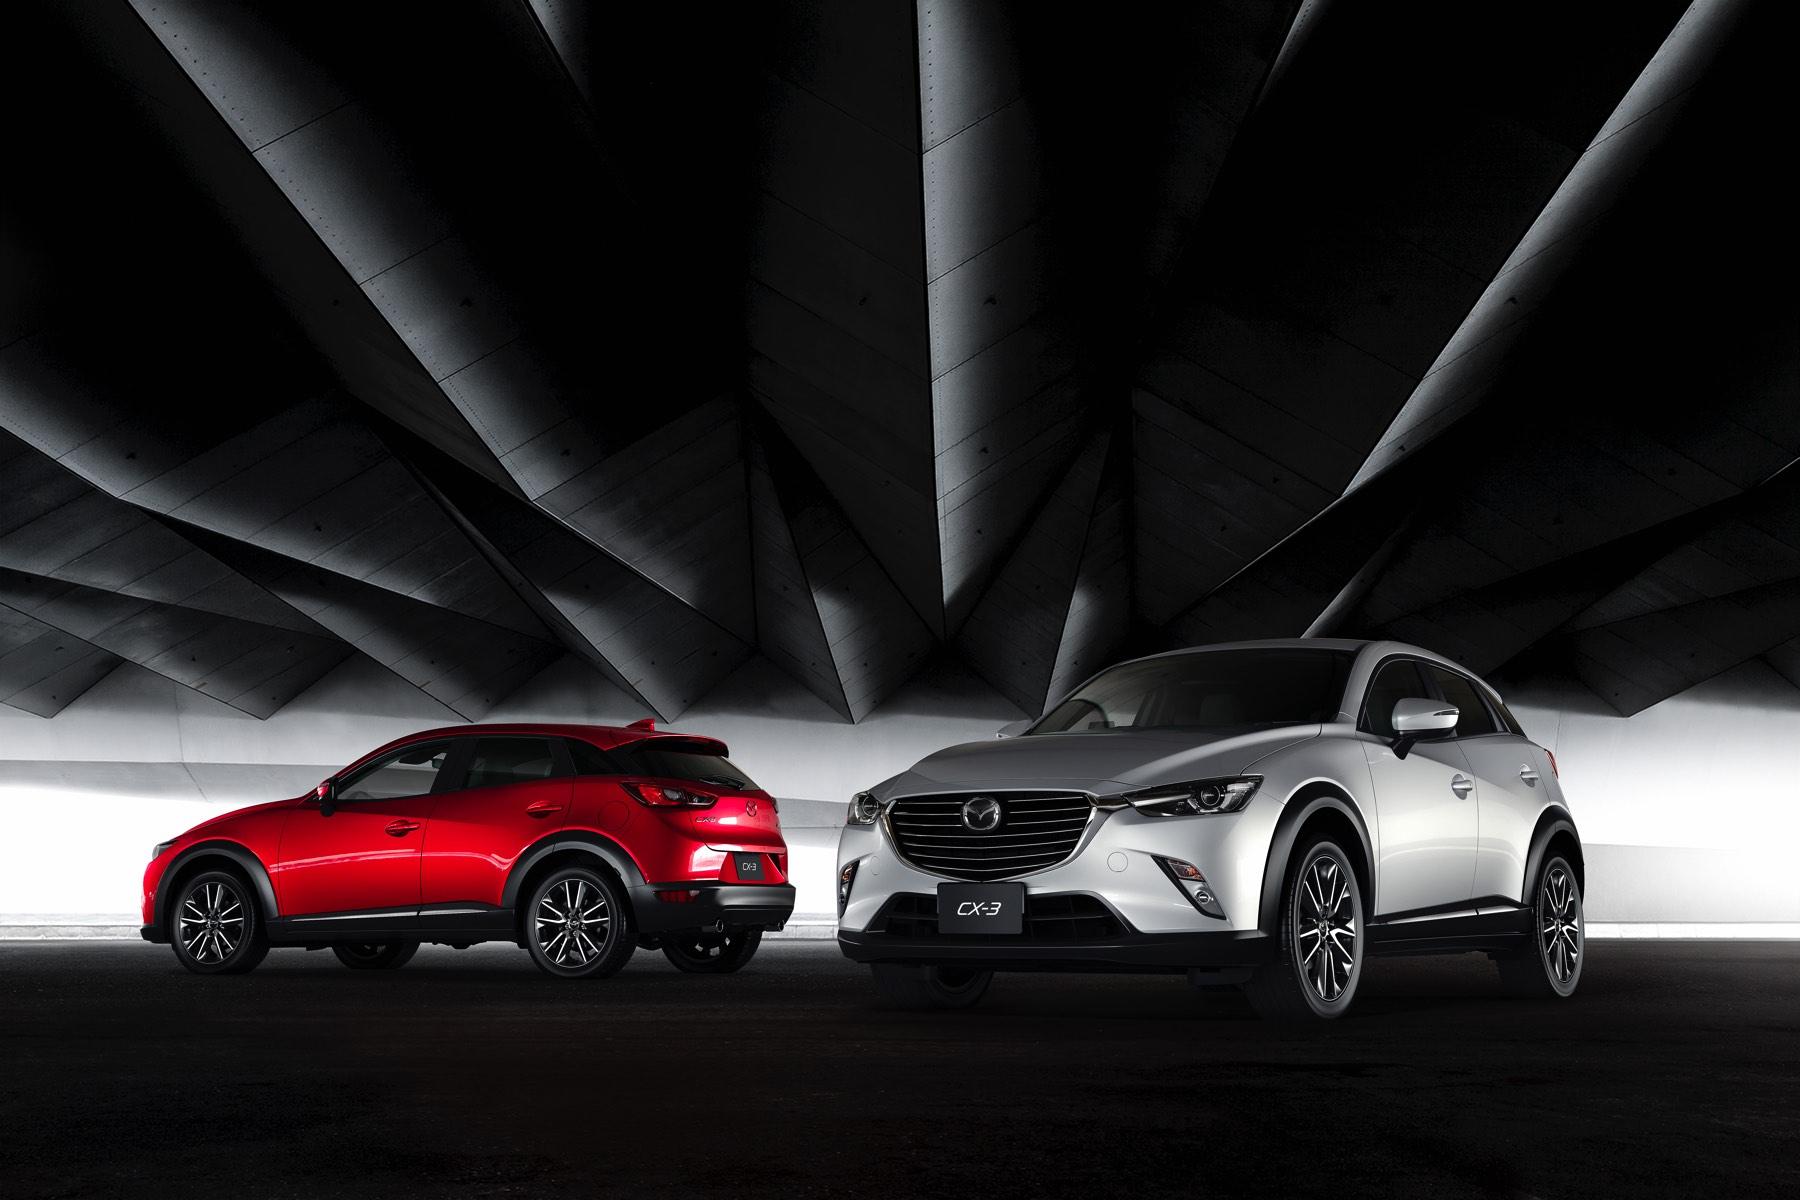 2016-Mazda-CX-3-007